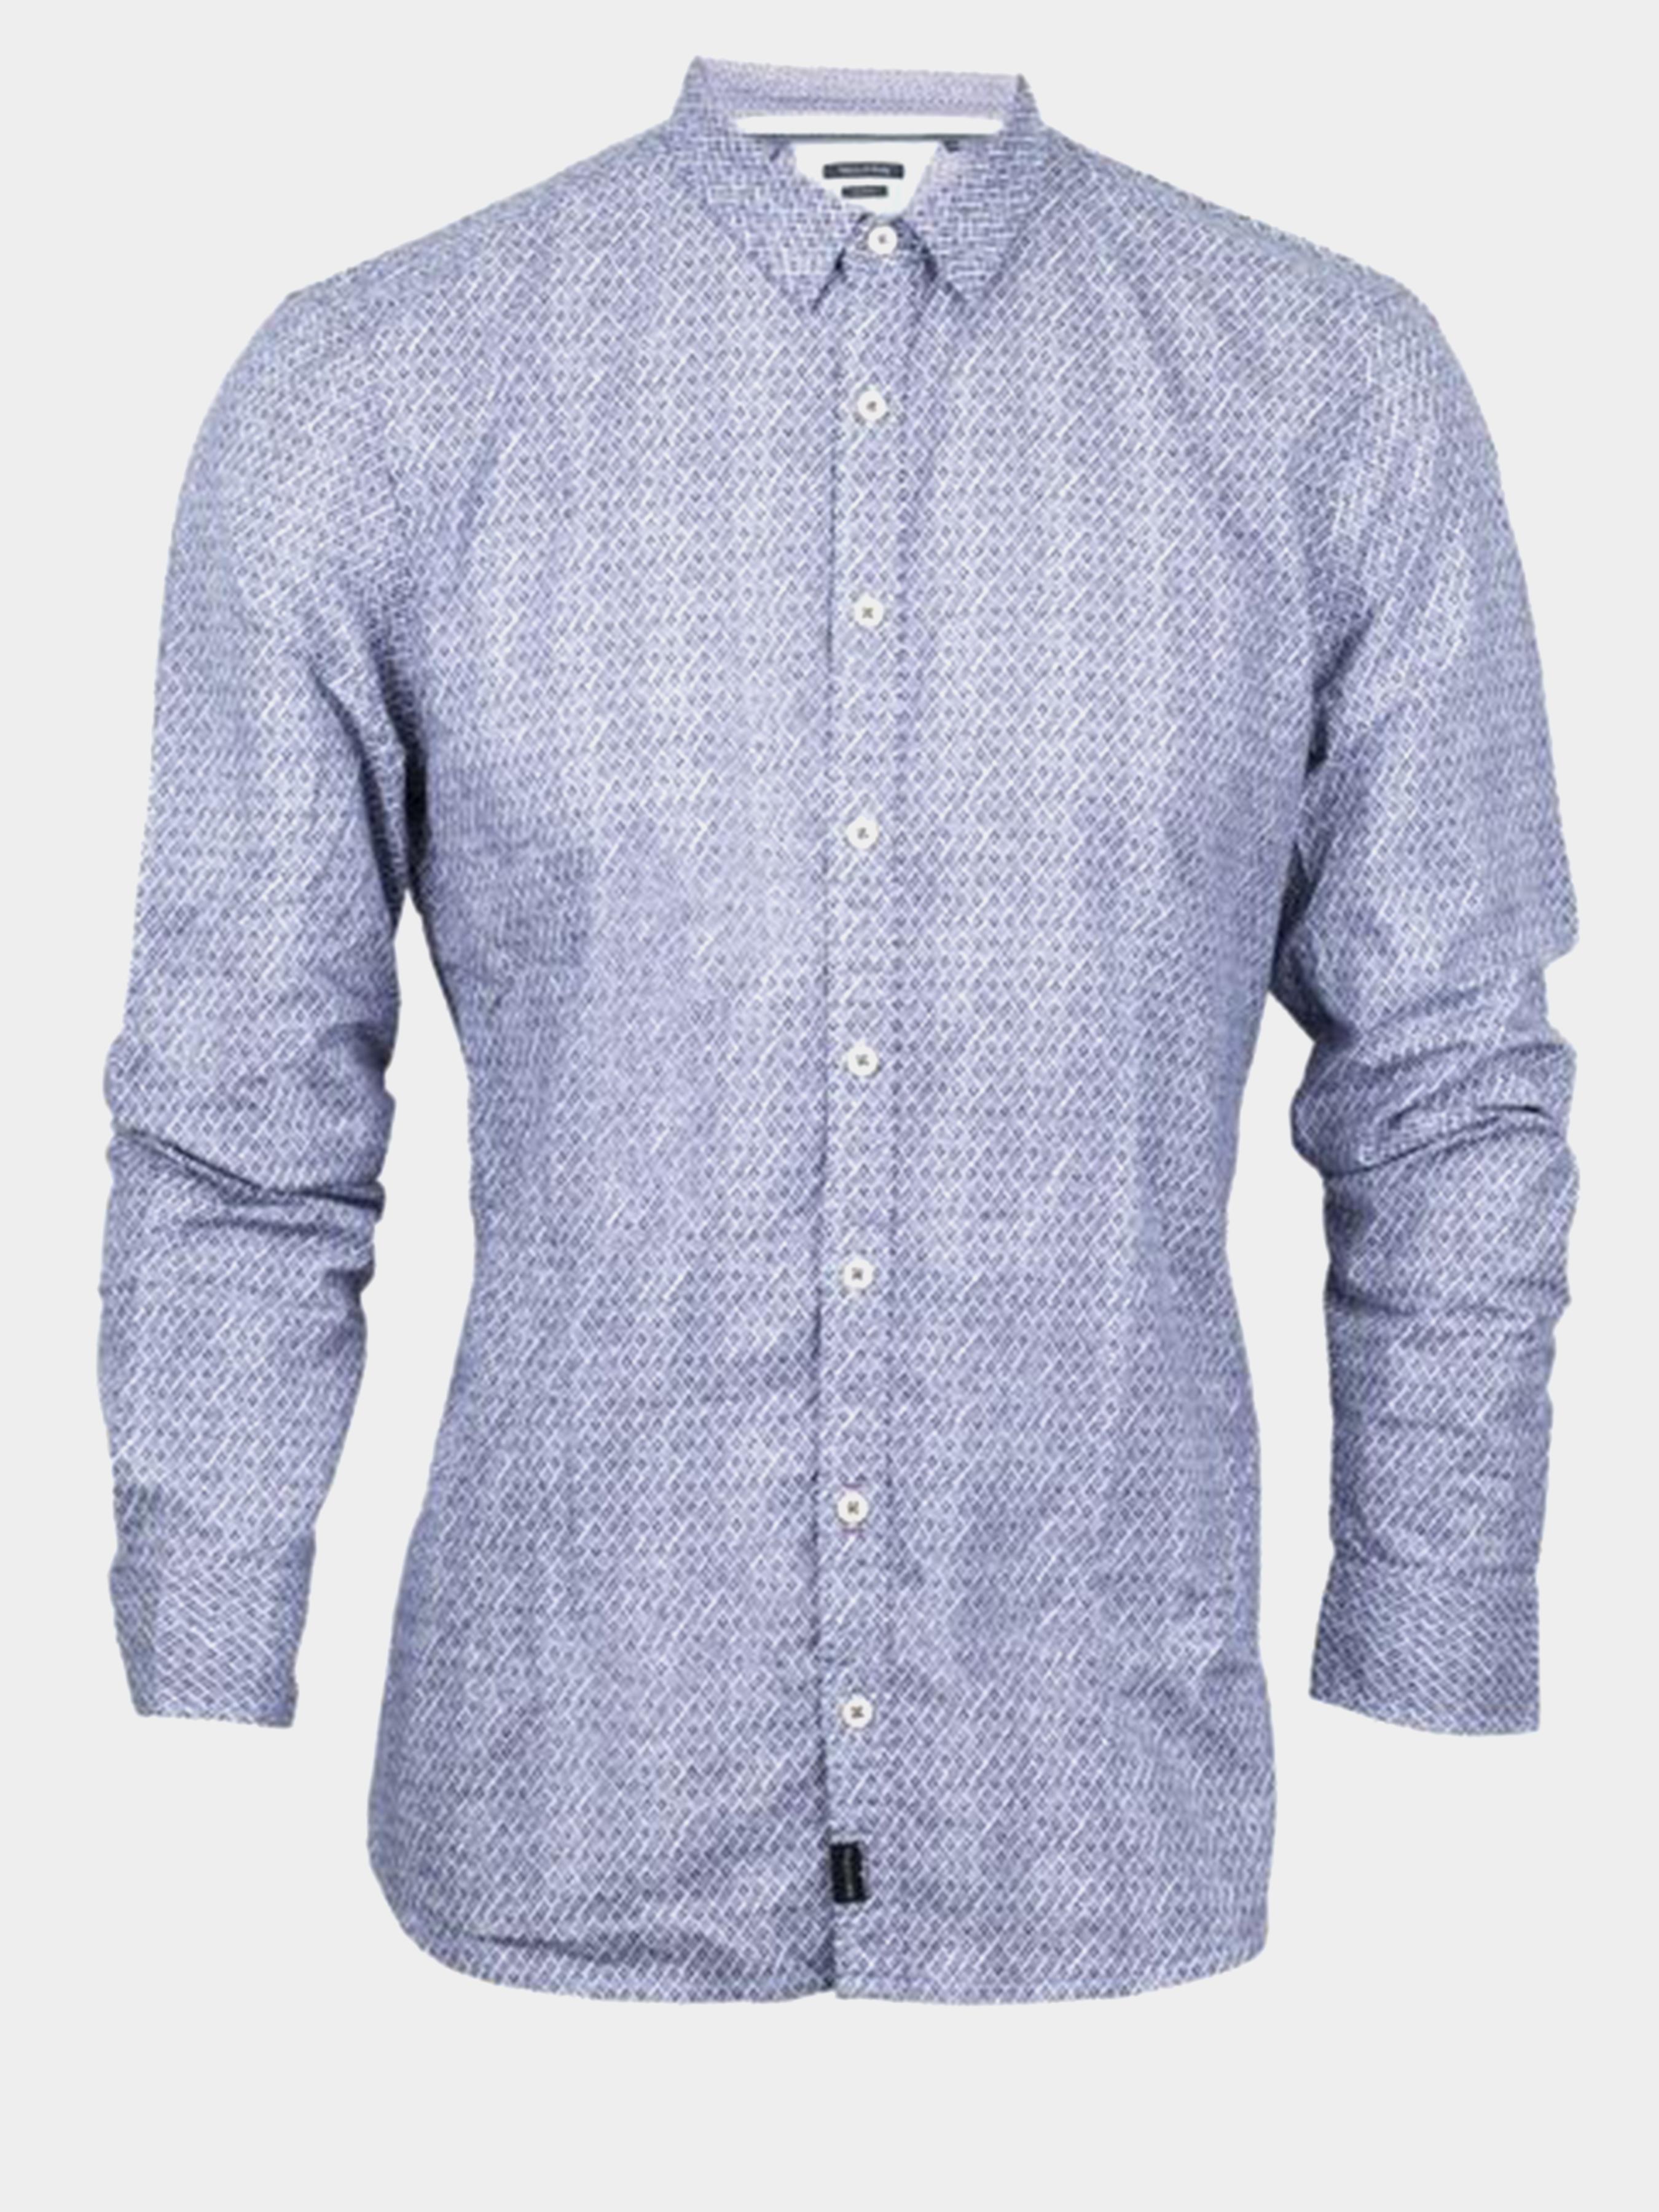 Рубашка с длинным рукавом мужские MARC O'POLO модель PE3253 купить, 2017